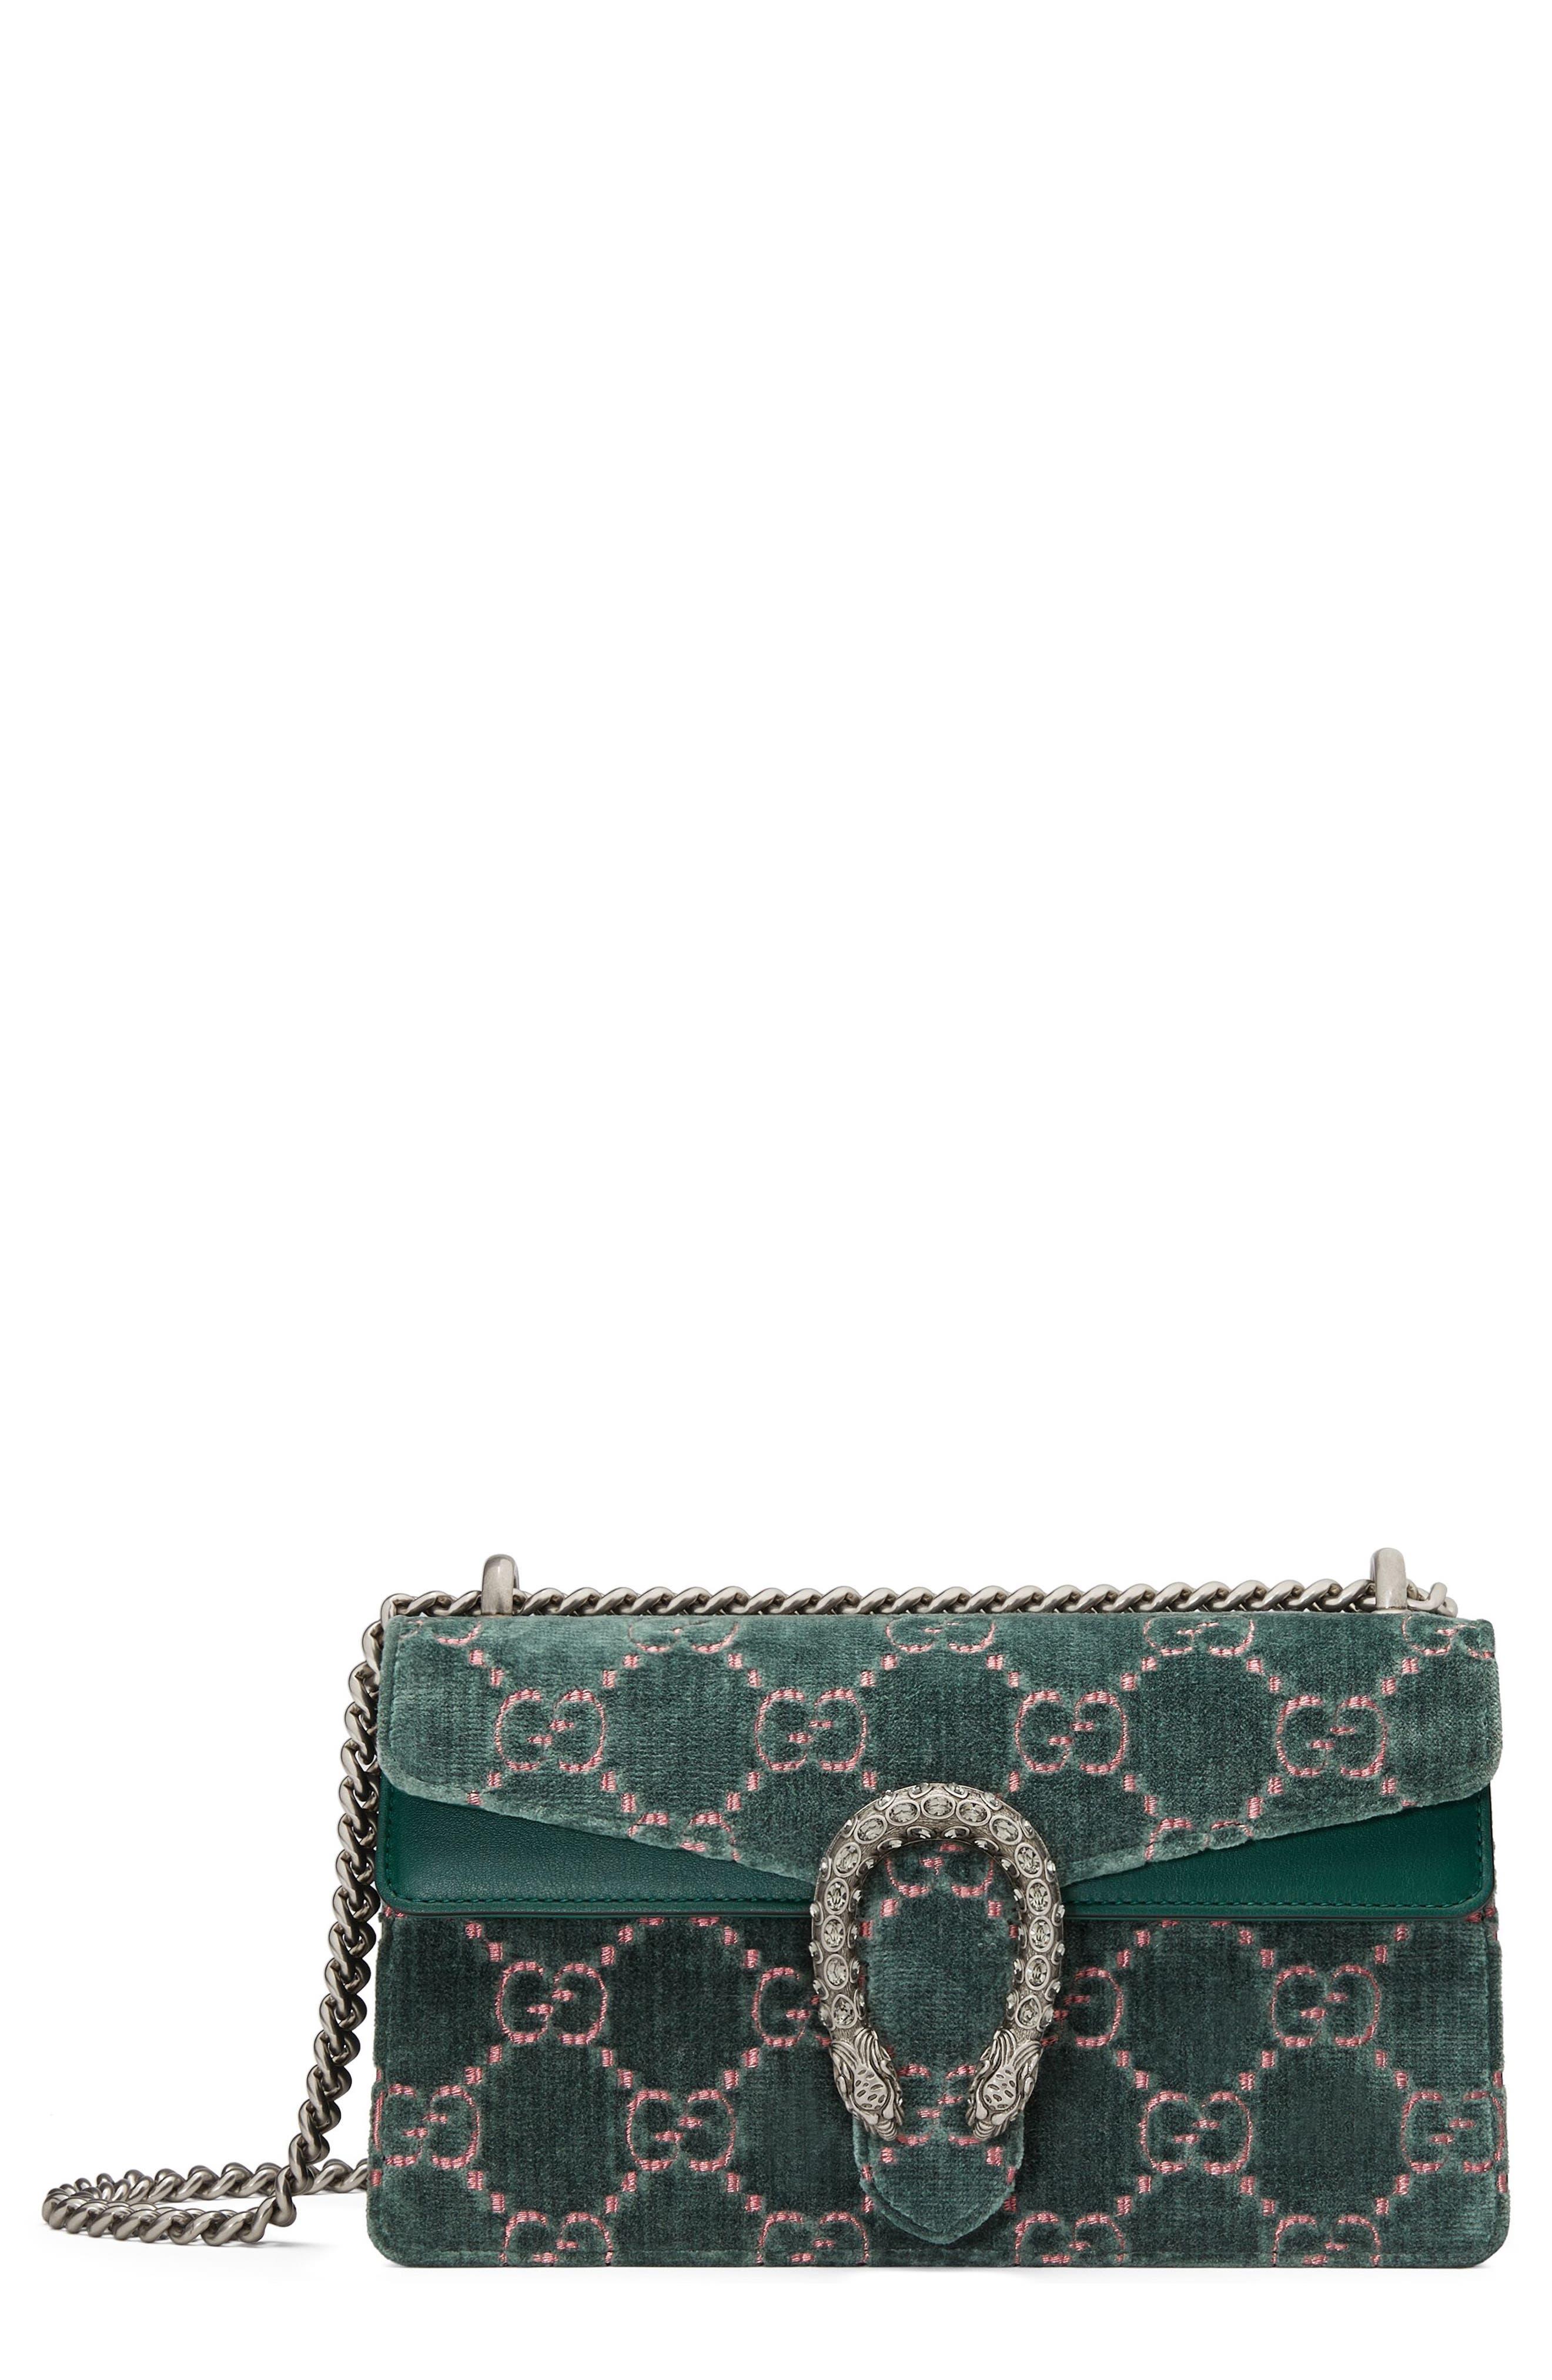 Main Image - Gucci Small Dionysus GG Velvet Shoulder Bag